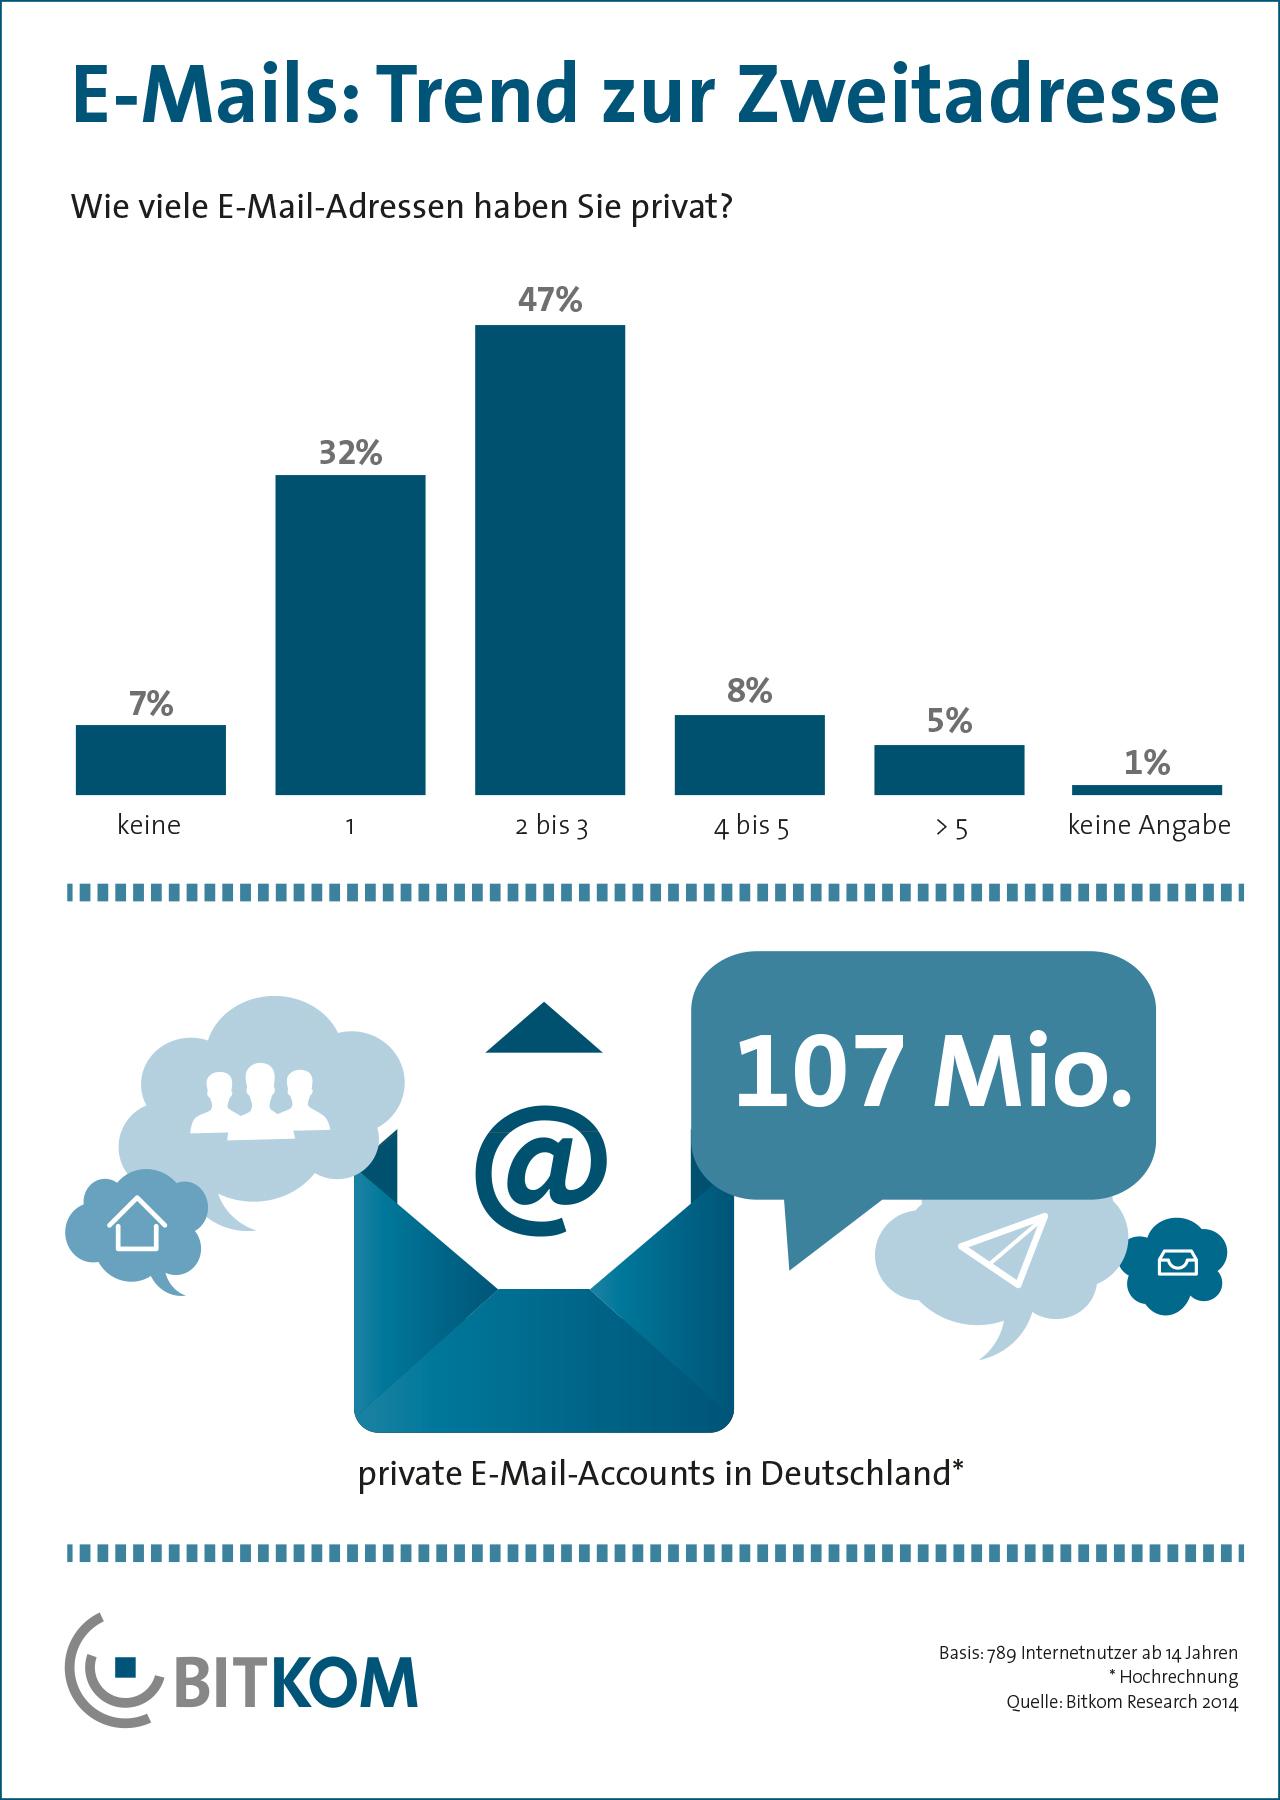 E-Mails: Trend zur privaten Zweitadresse